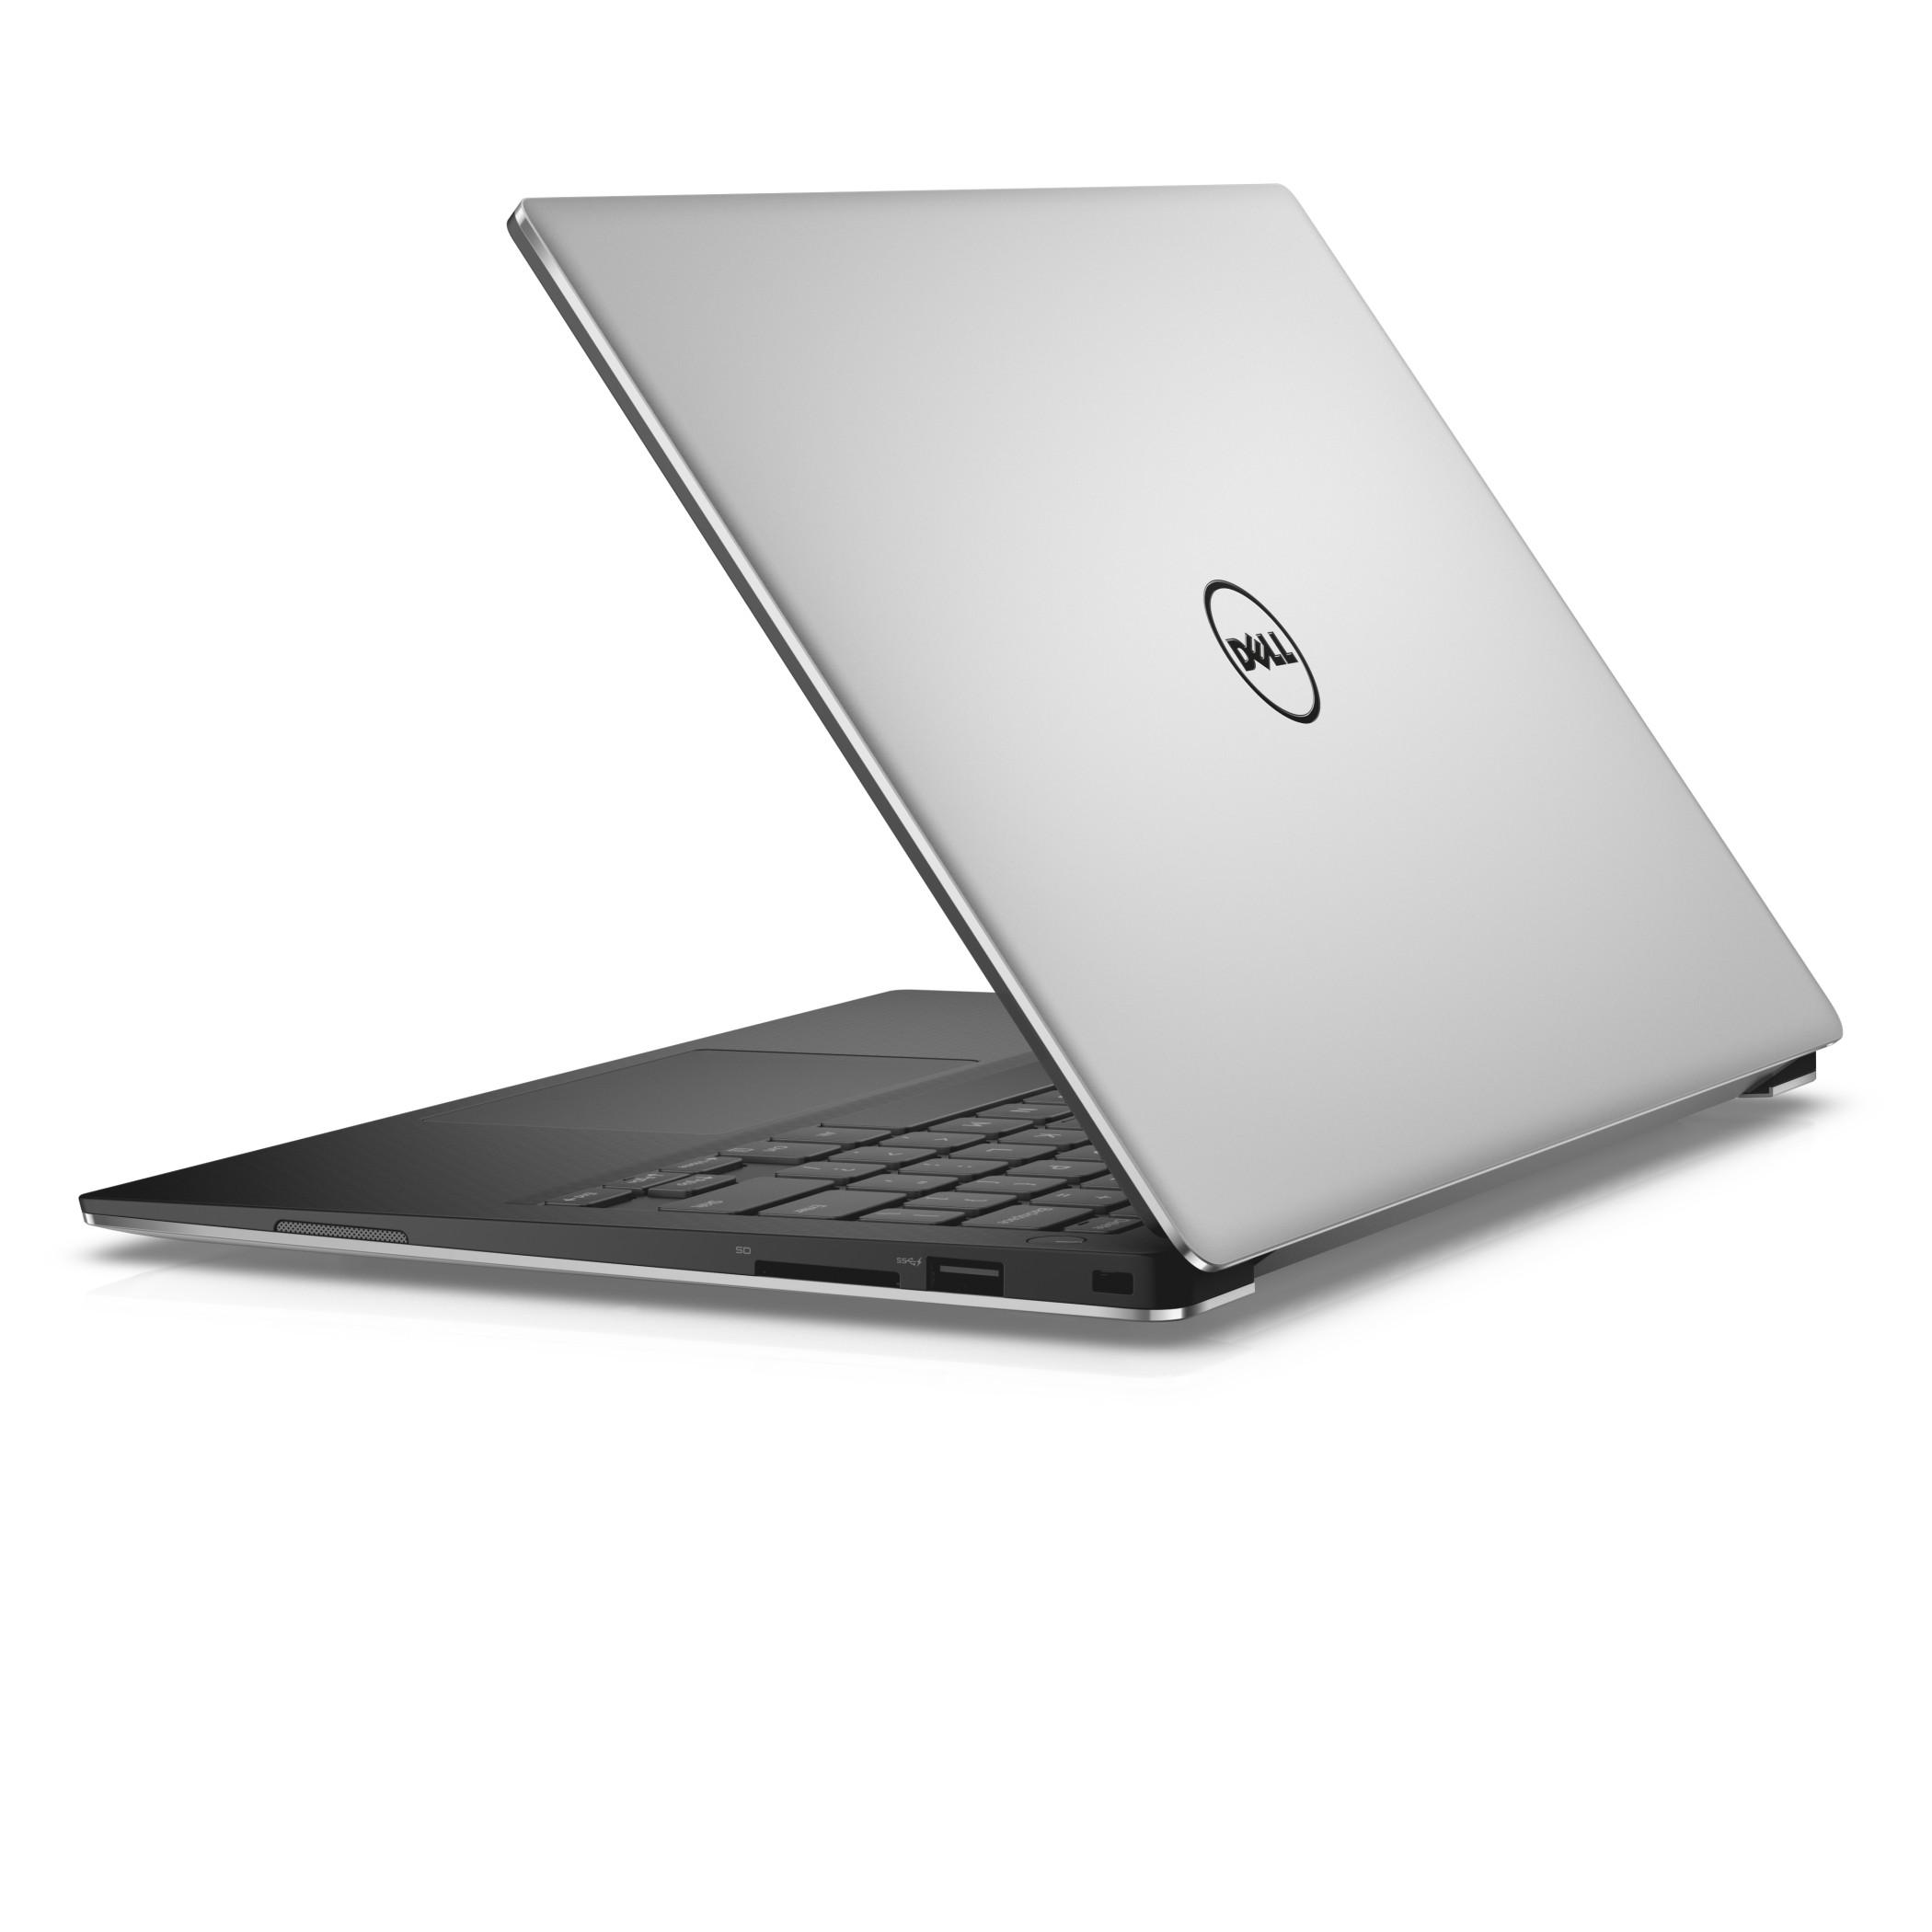 """Obrázok produktu Dell XPS 13 9350 13"""" QHD Touch i5-6200U/ 8GB/ 256GB SSD/ WIFI/ BT/ W10 (64-bit)/ 2RNBD"""